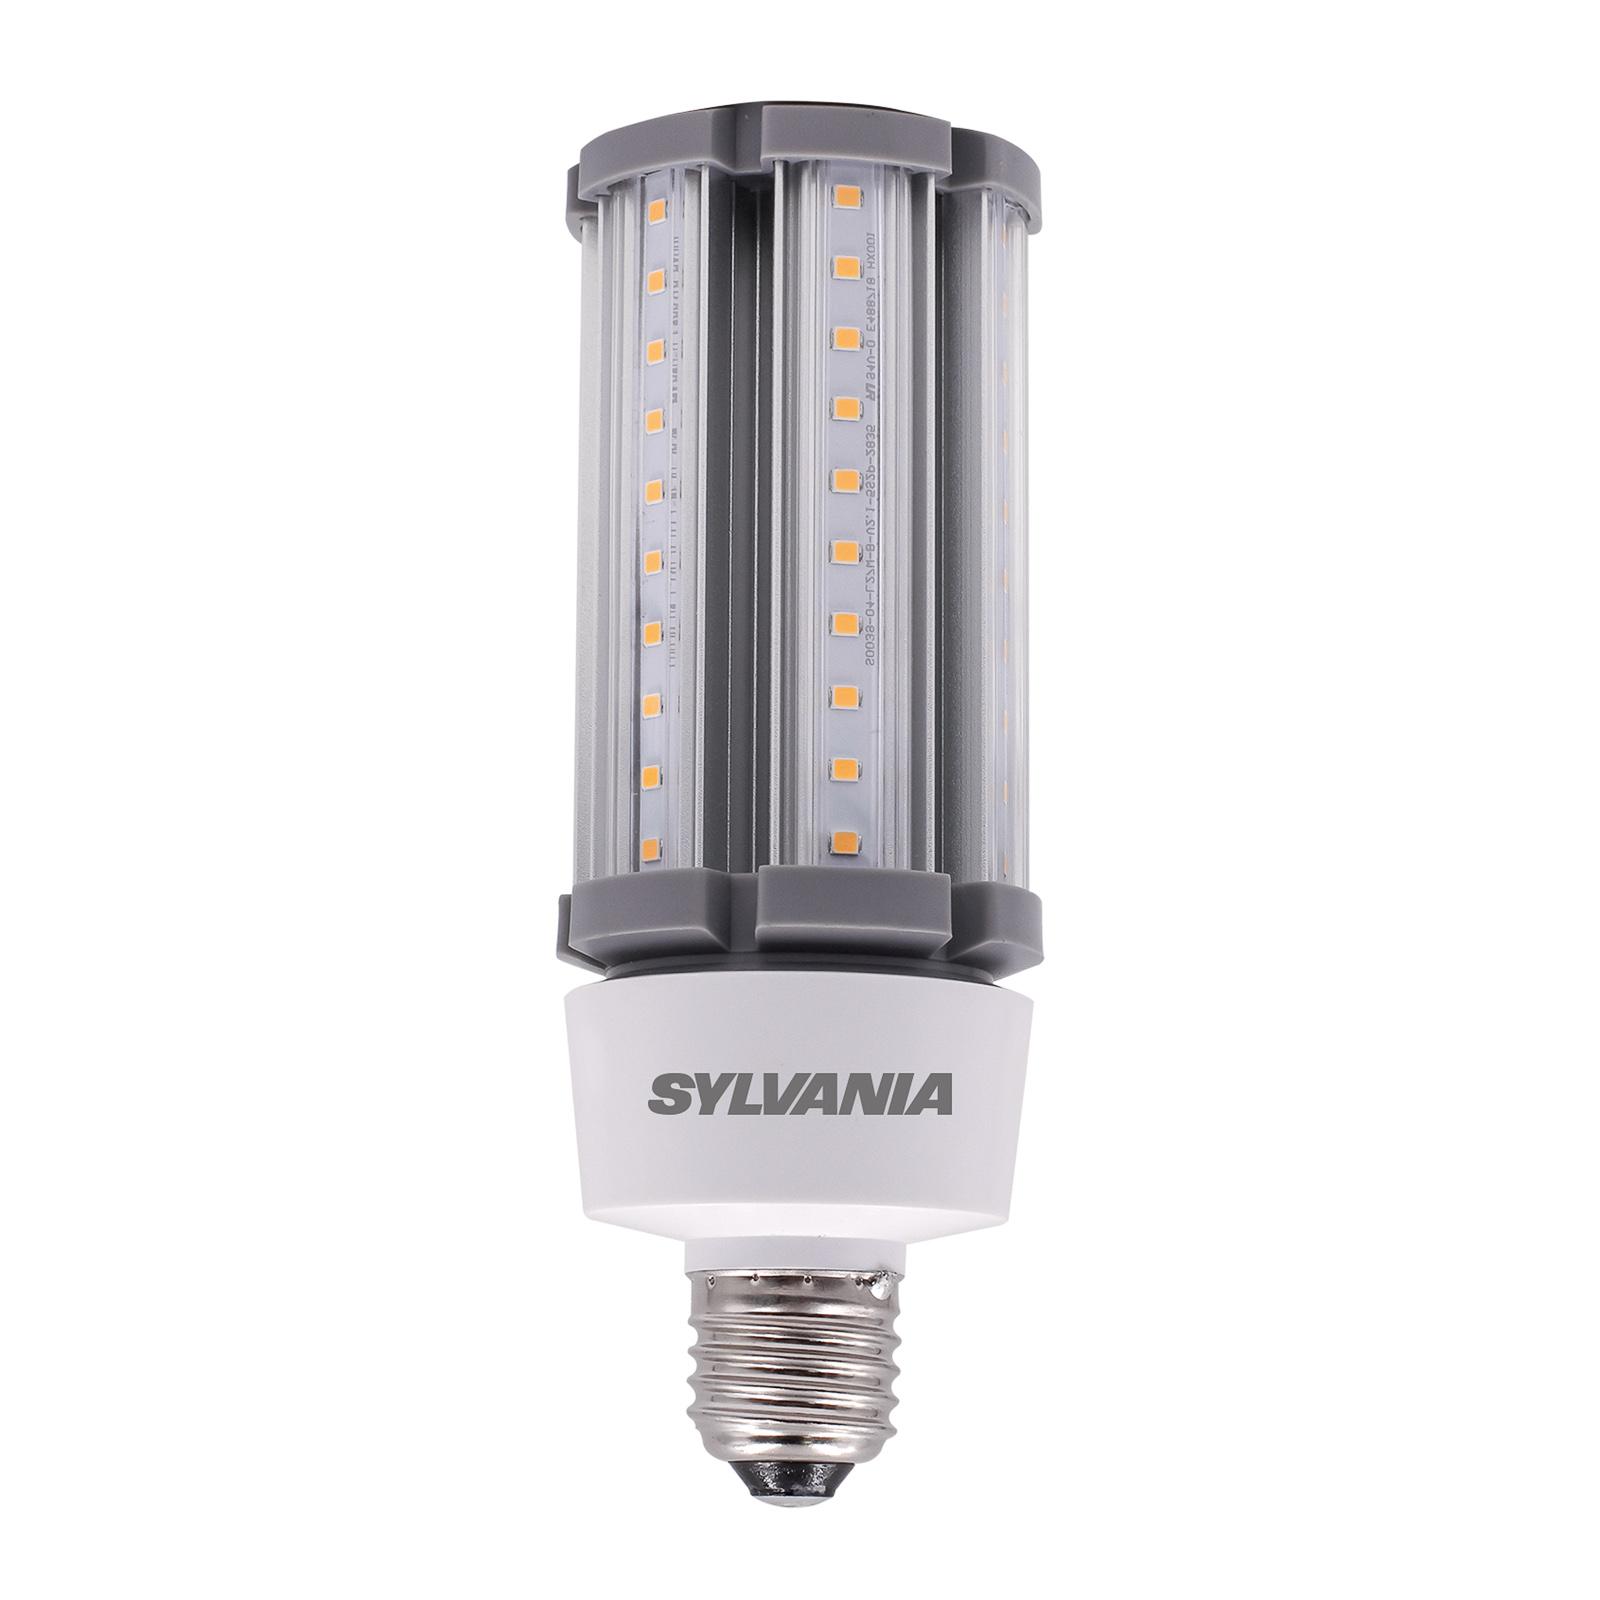 Sylvania LED-pære E27, 27W, 4000K, 3400 lm